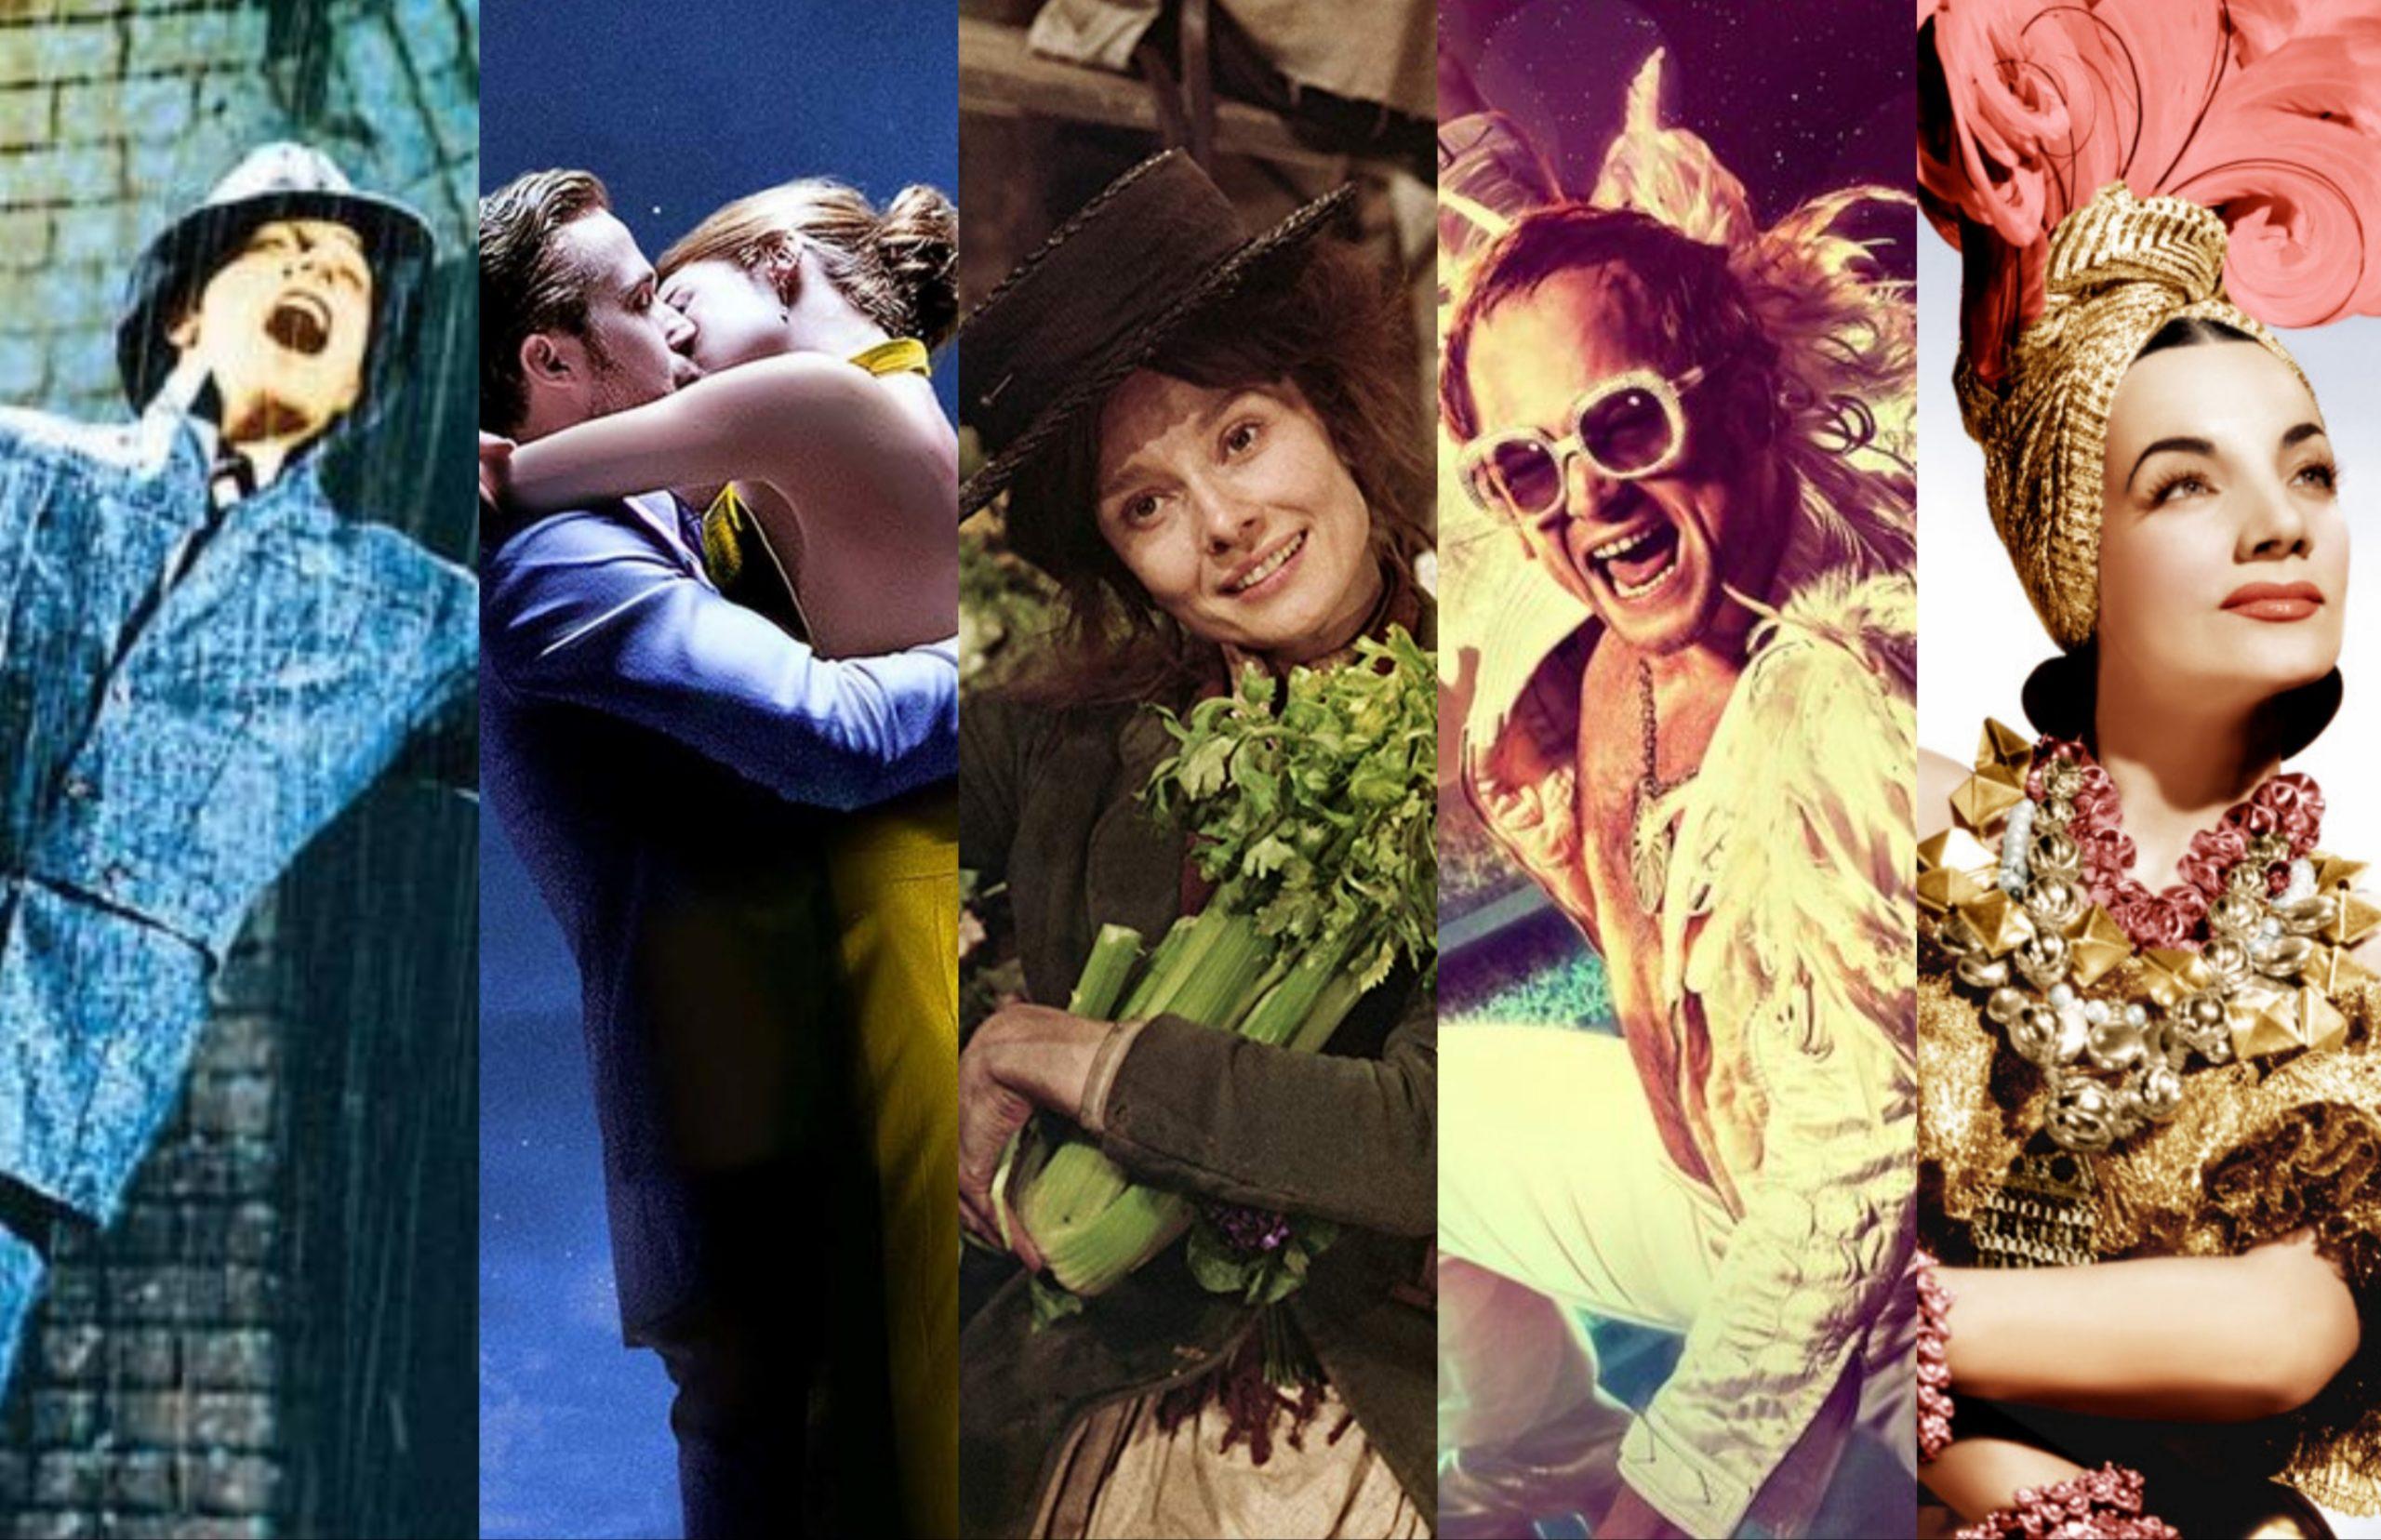 montagem representando vários posters de filmes musicais